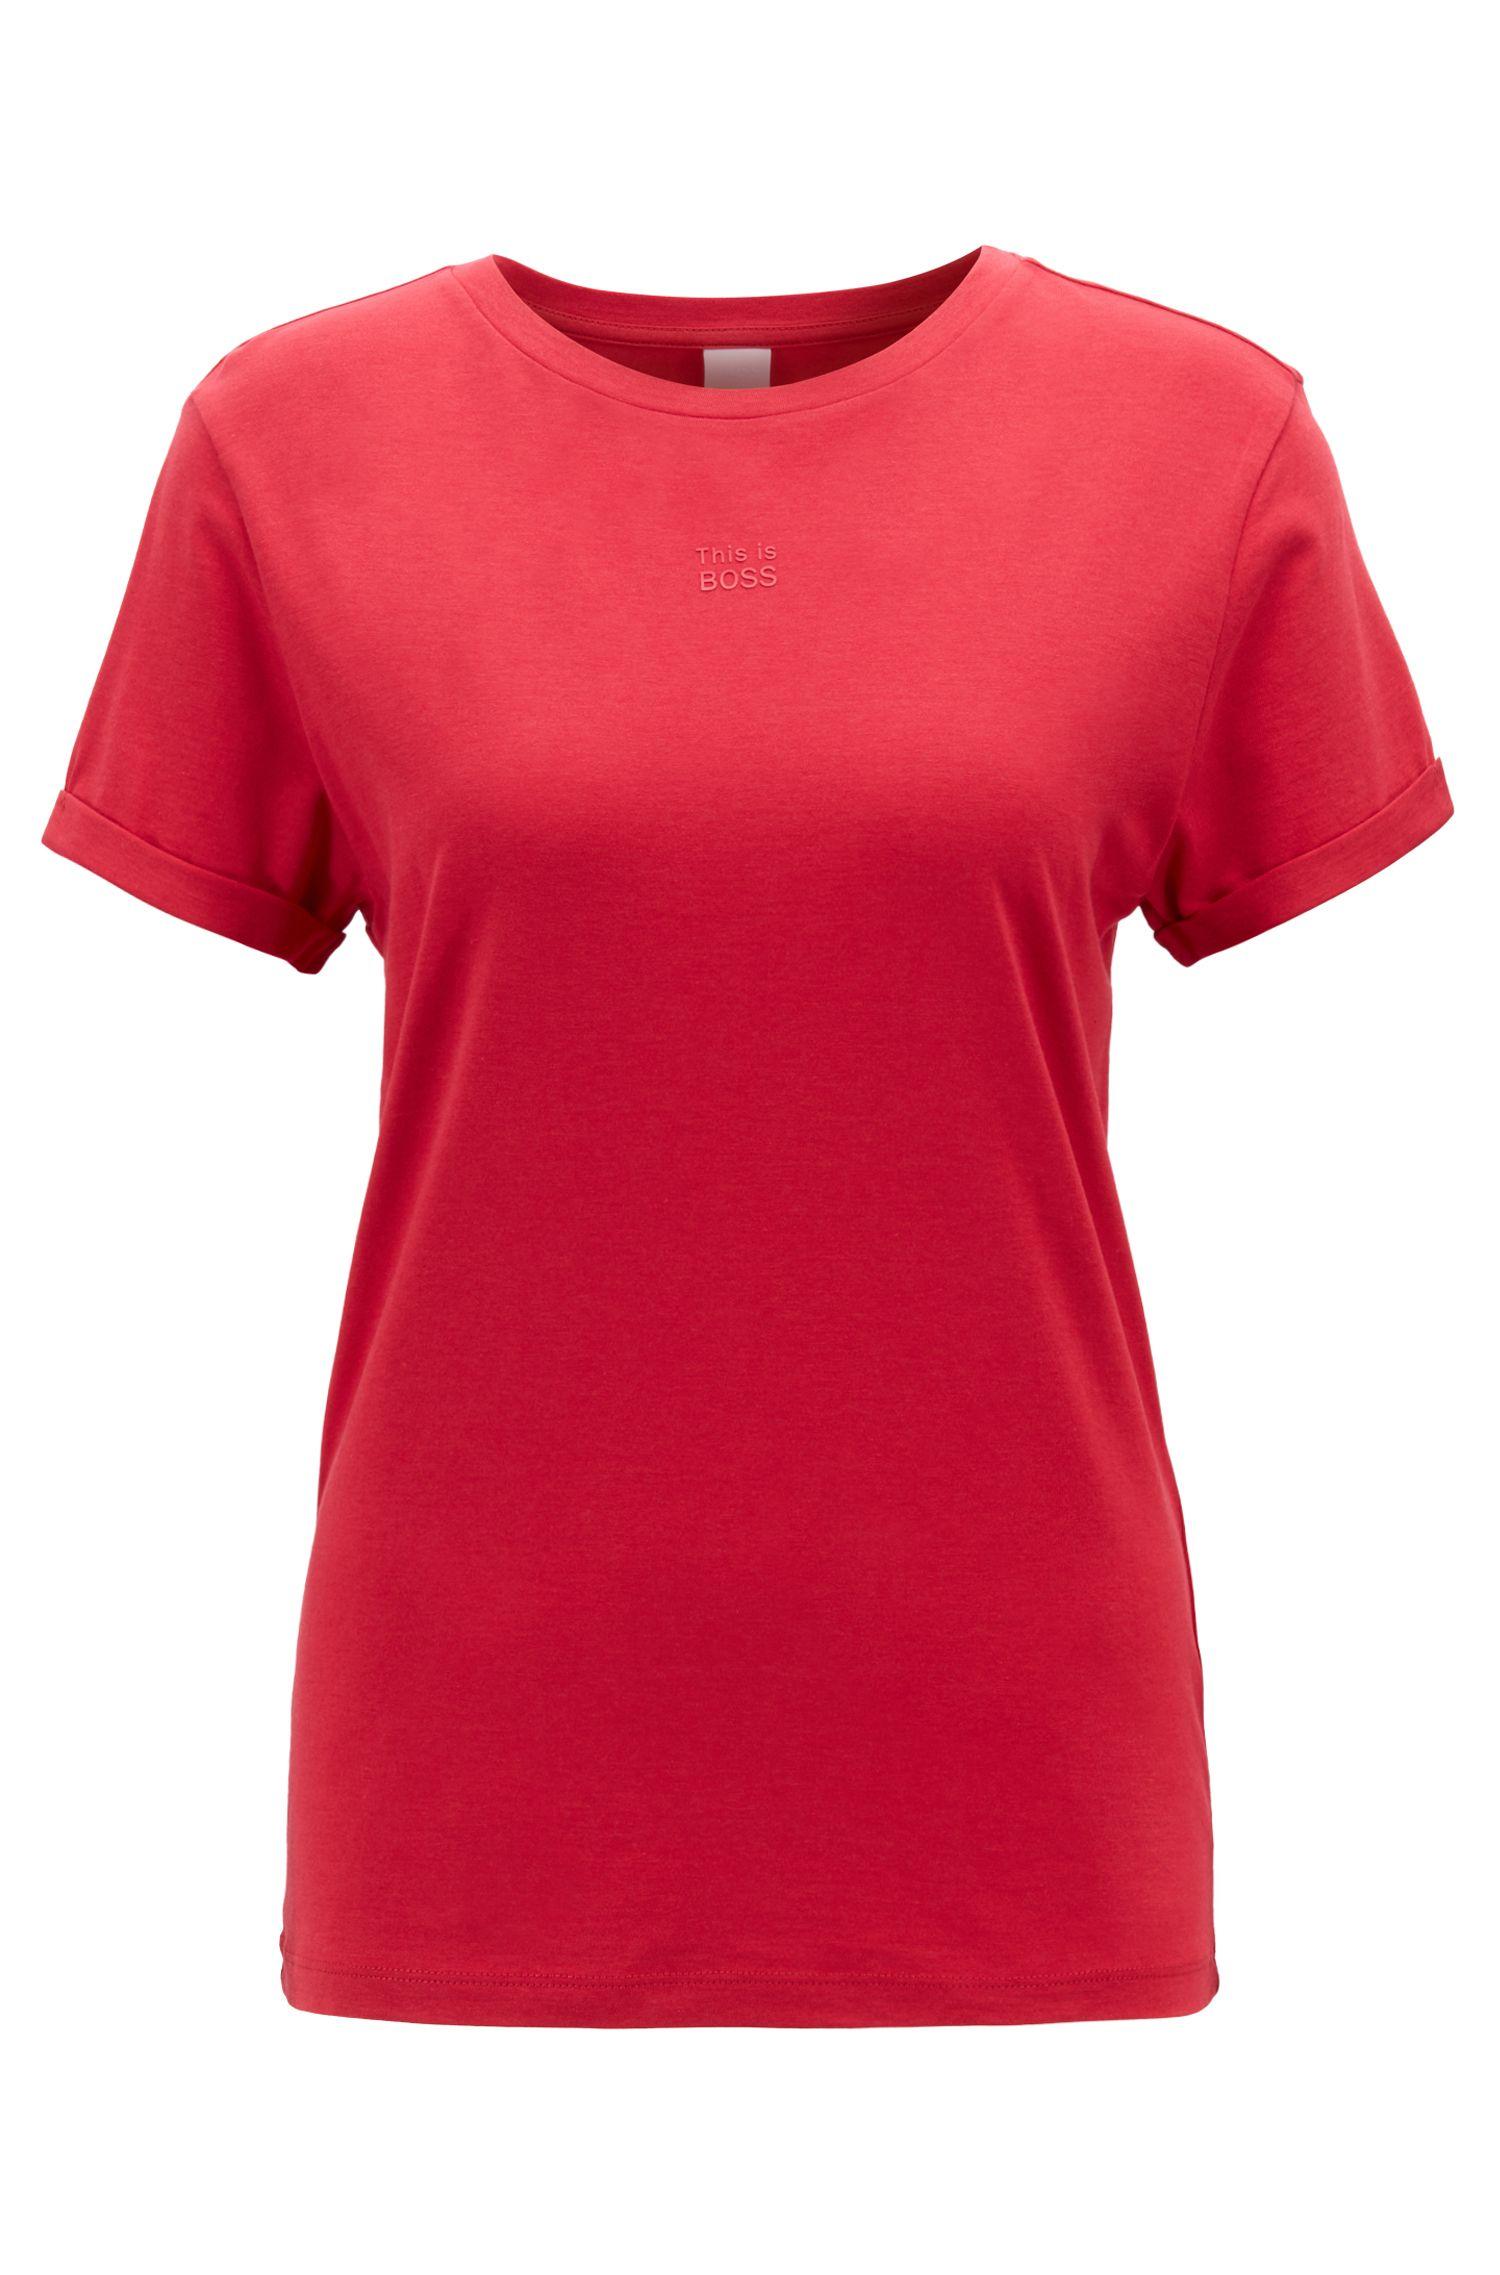 T-Shirt aus Baumwoll-Modal-Mix mit umgeschlagenen Ärmeln, Rot